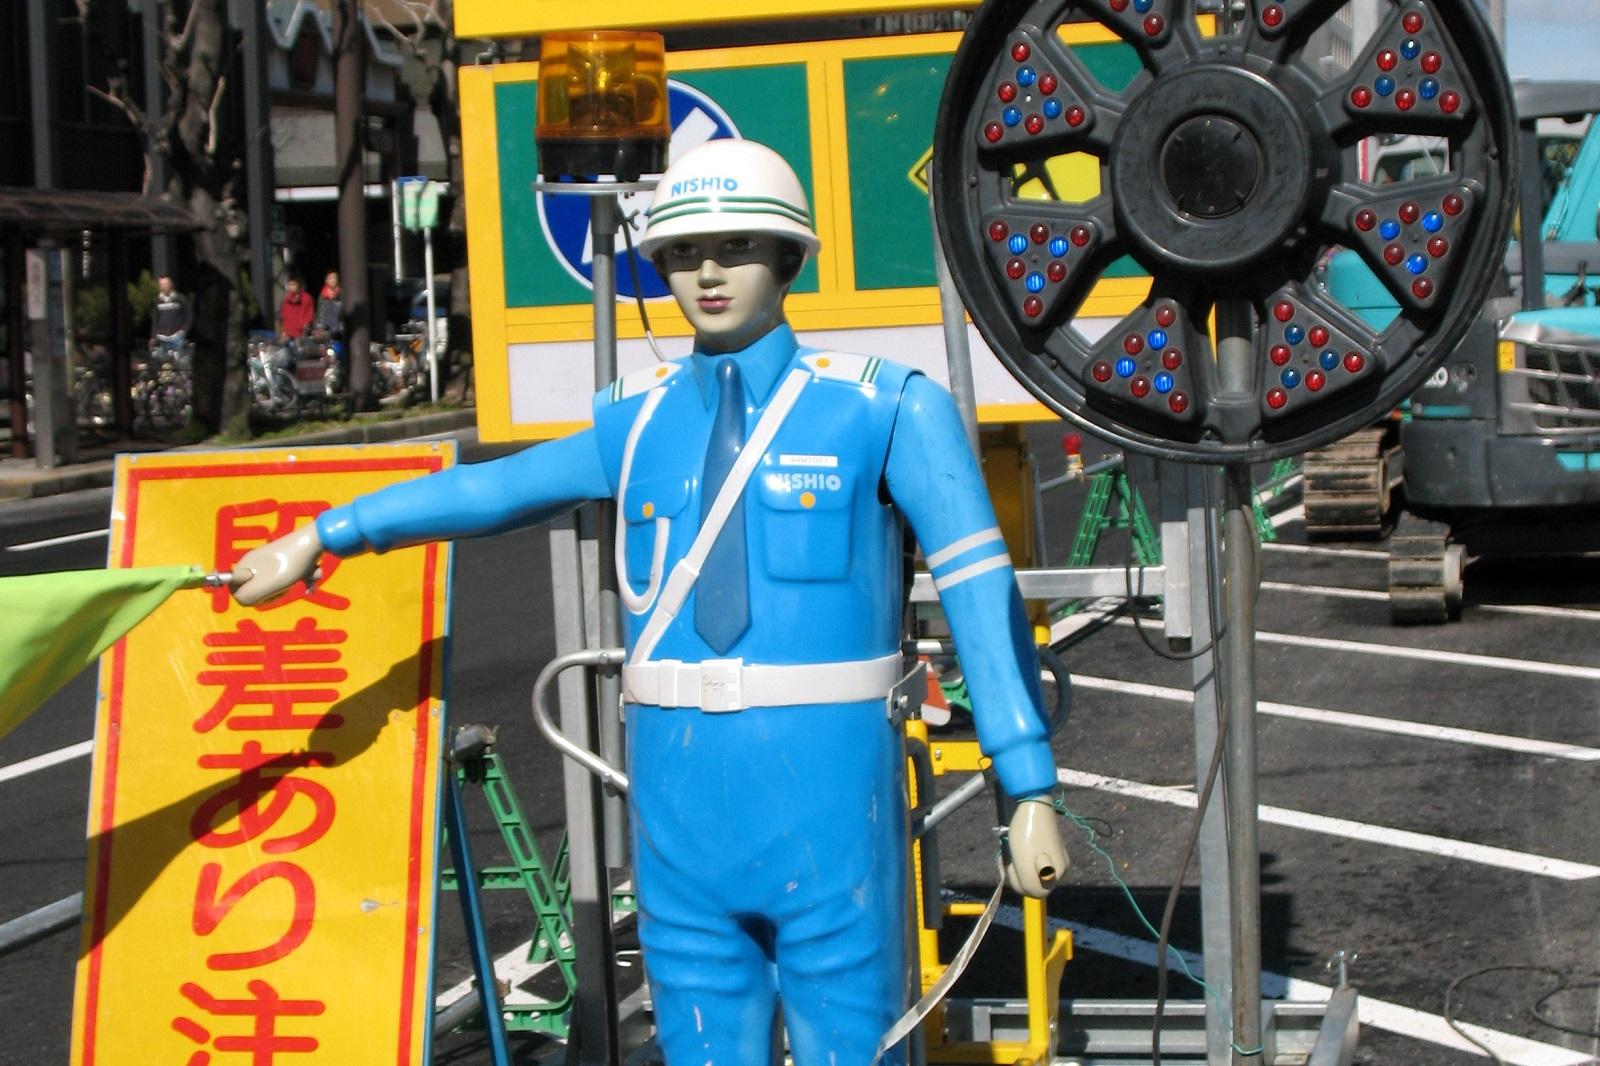 Japanilainen robottipoliisi.